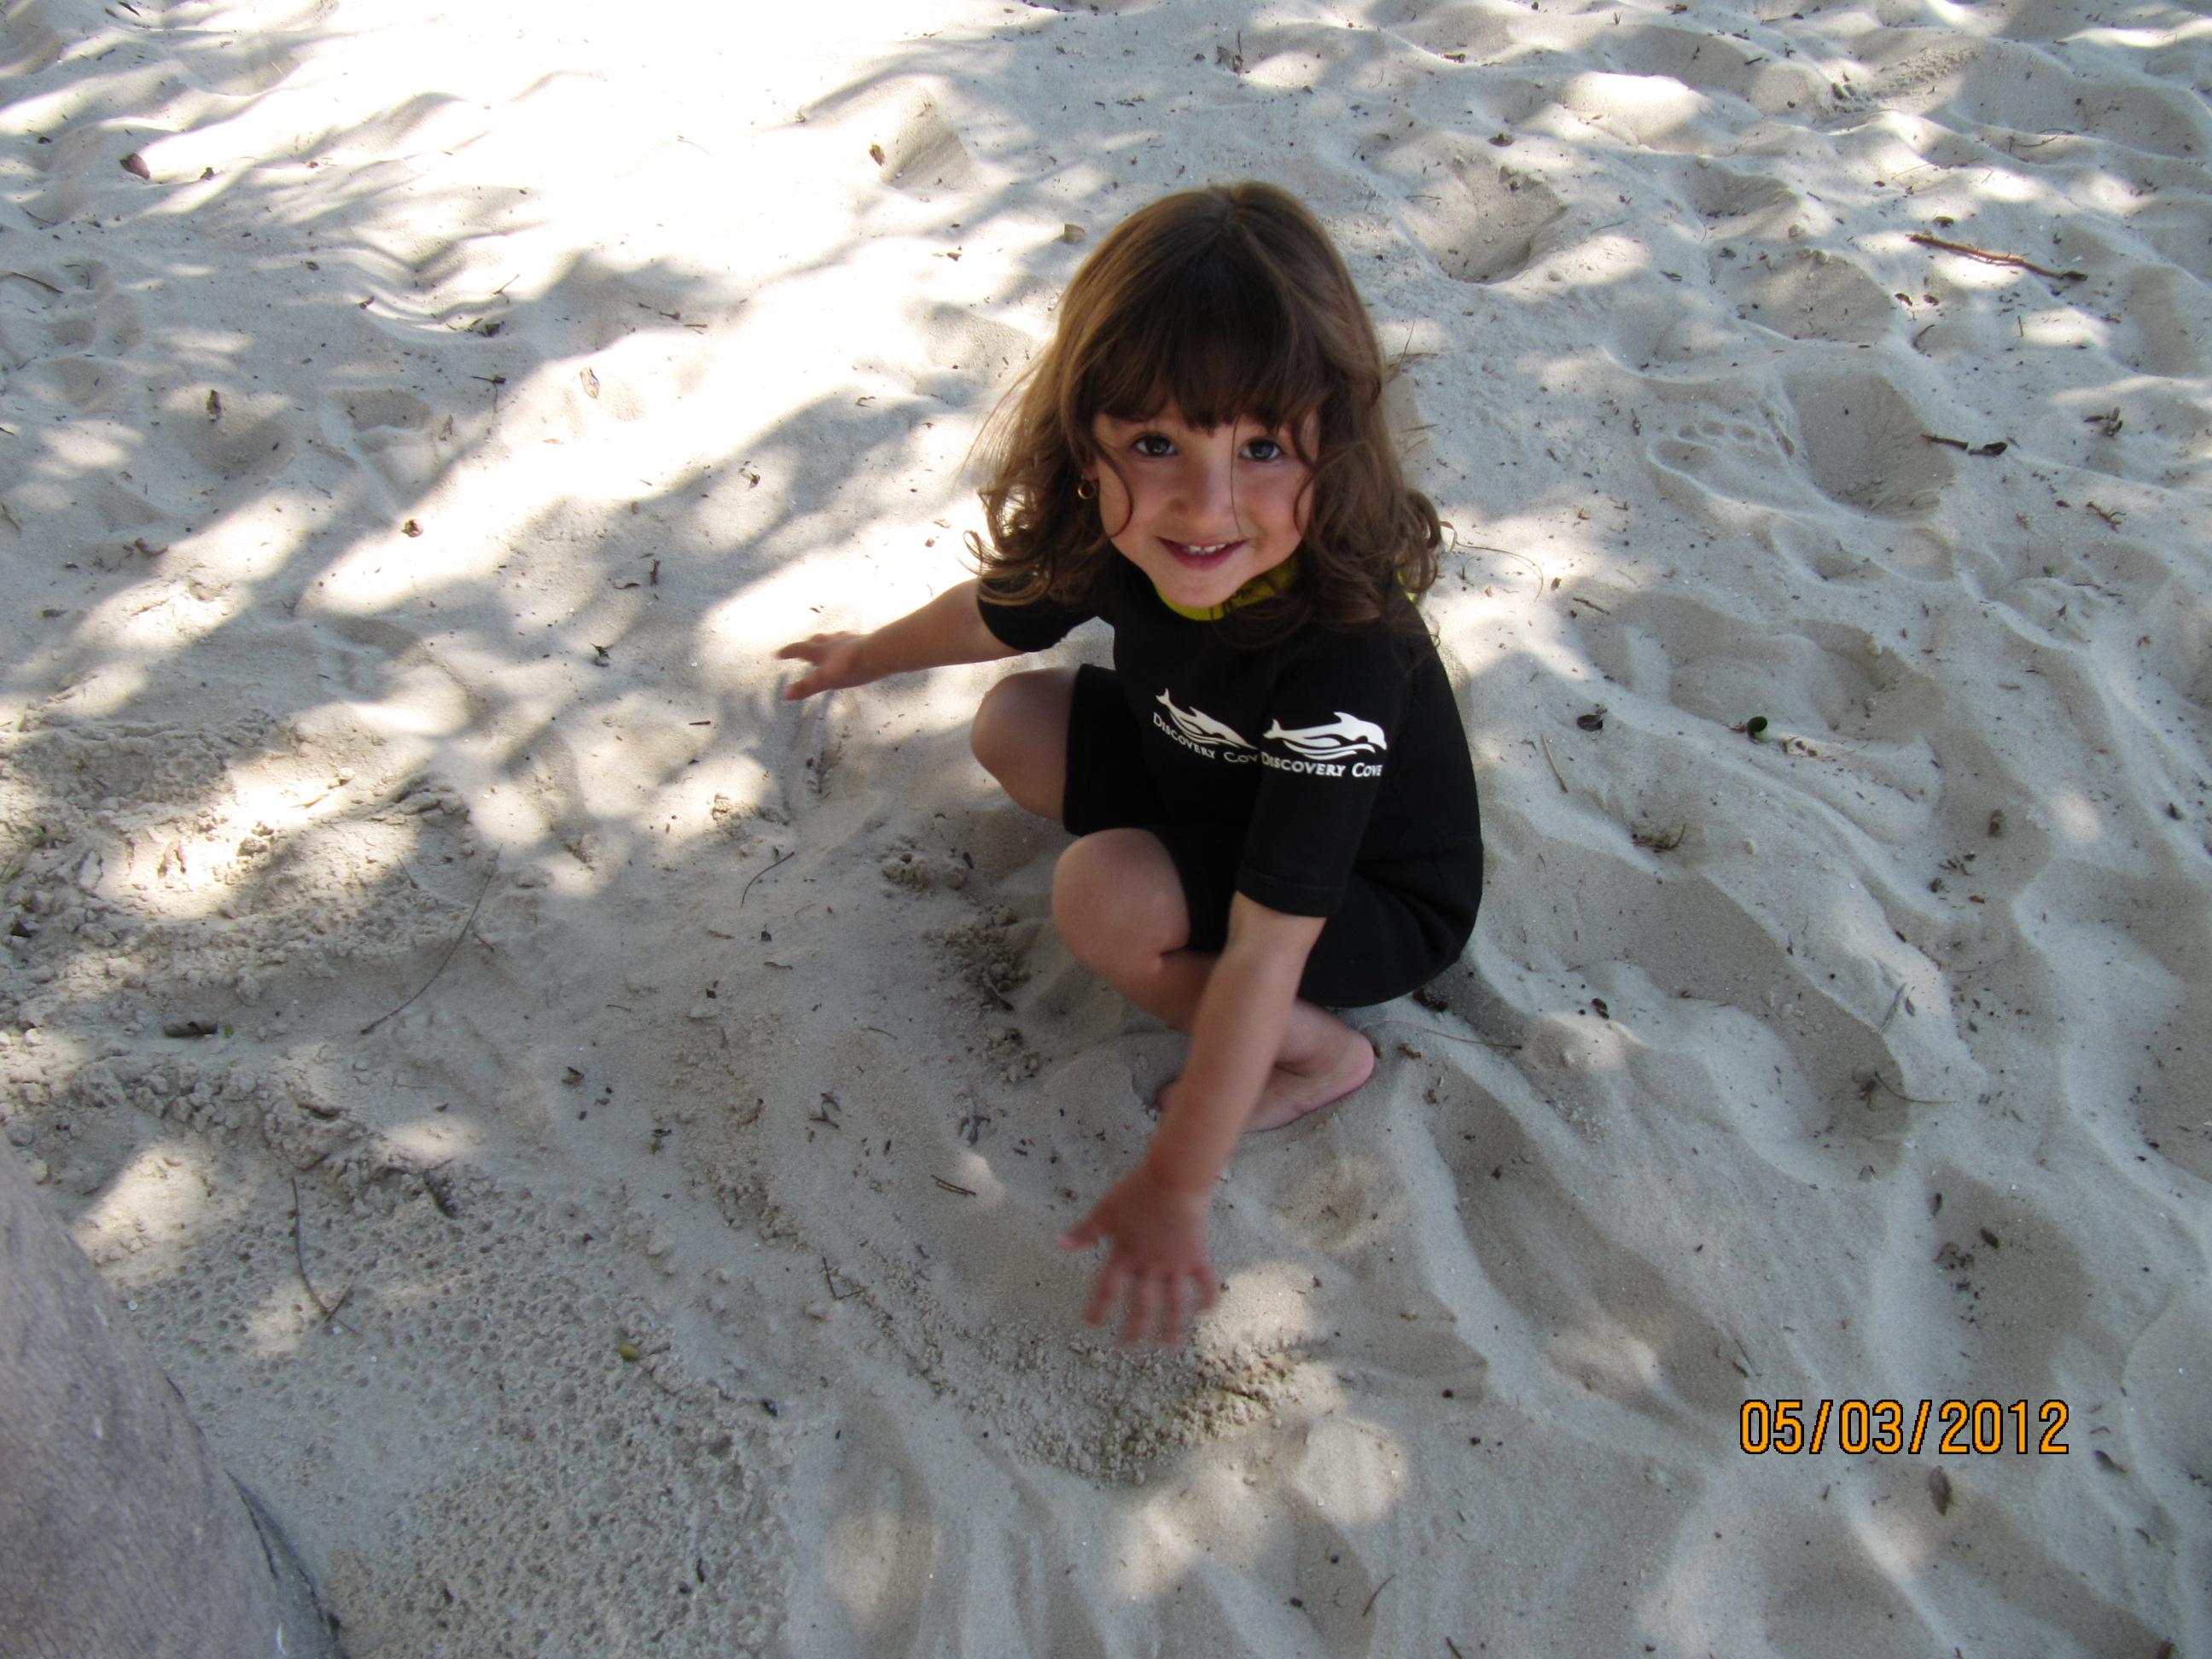 Brincar com areia é muito bom!